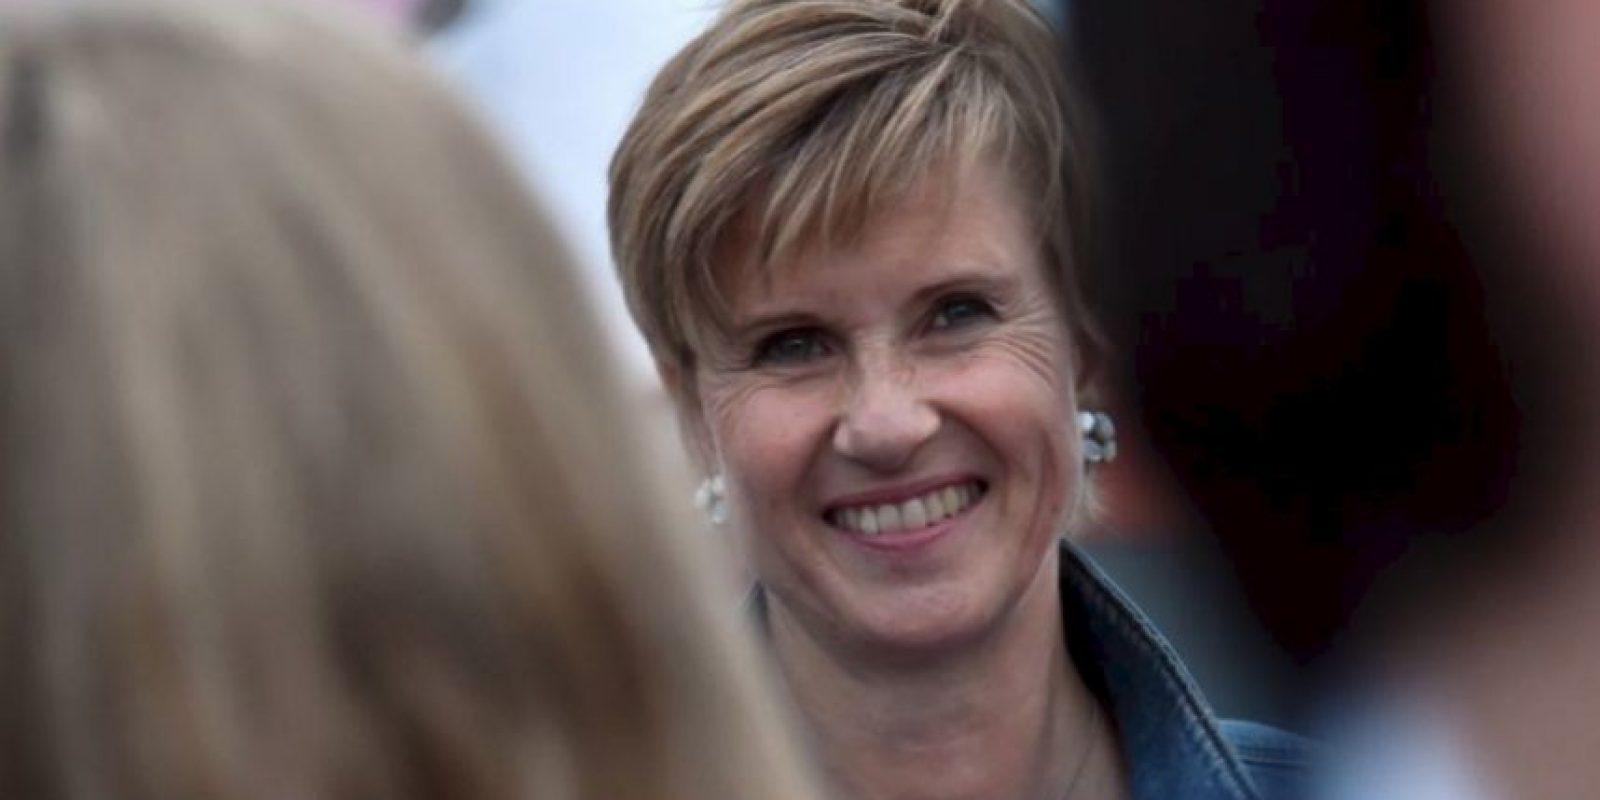 Susanne Klatten es propietaria de la empresa Altana, dedicada a la industria química. Foto:vía Getty Images